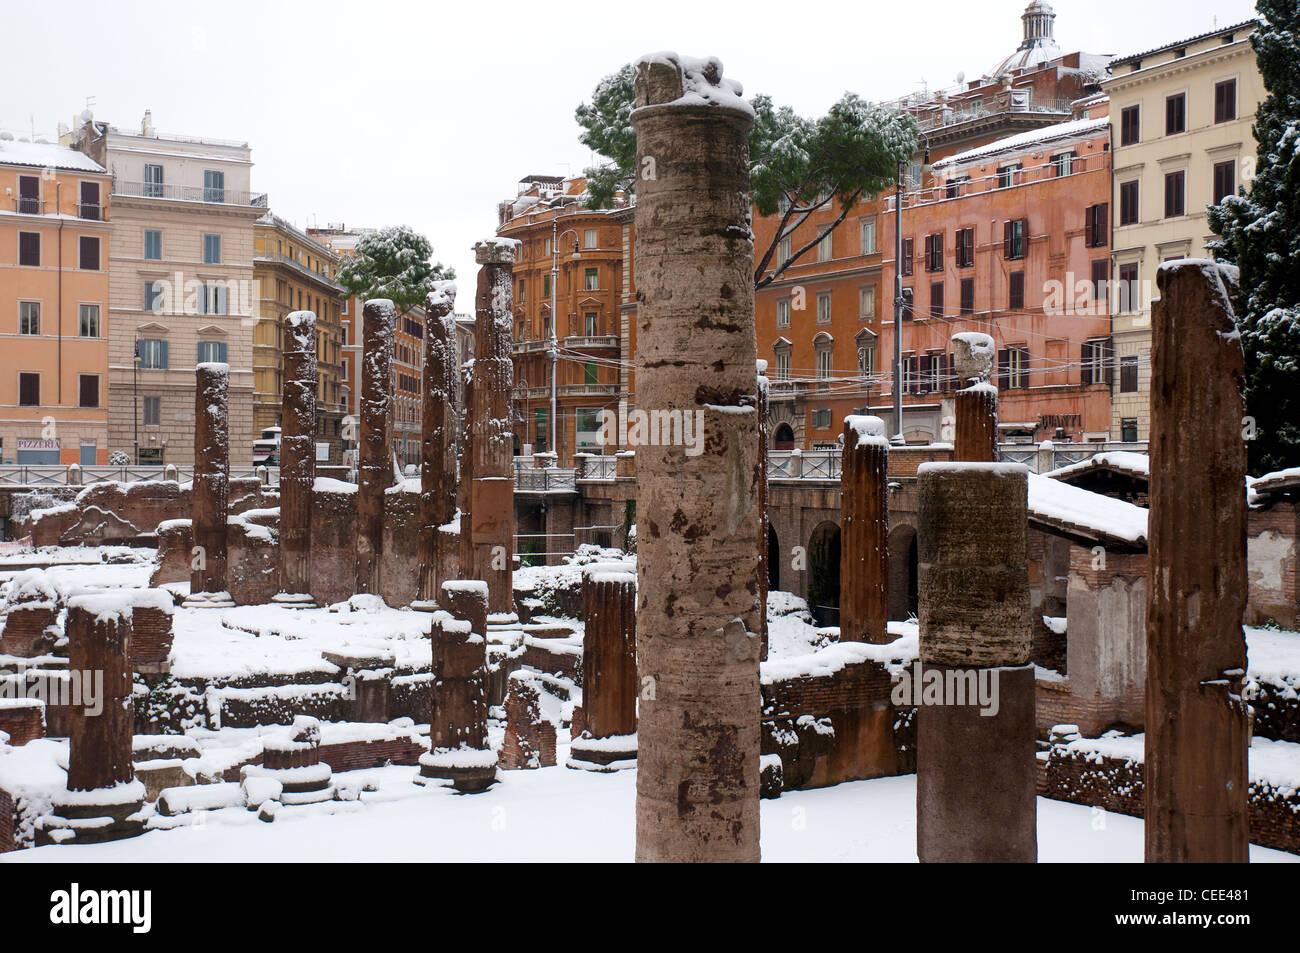 La coperta di neve area archeologica di Largo di Torre Argentina, Roma Italia Immagini Stock